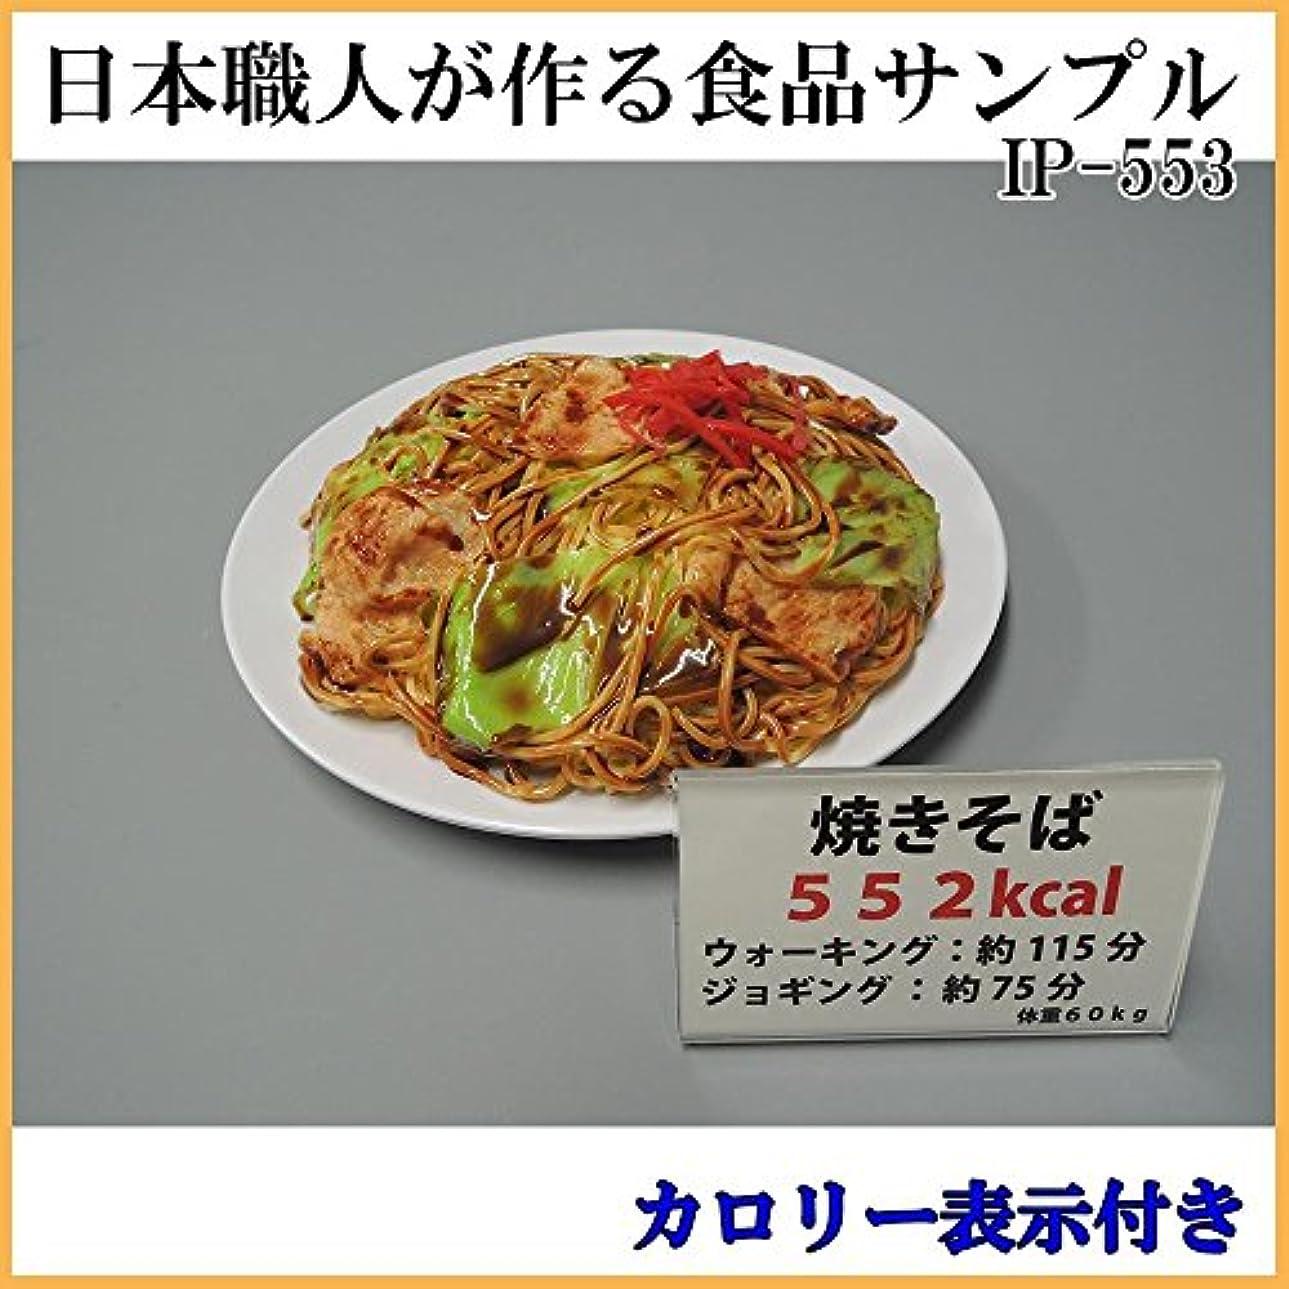 貯水池導出偽物日本職人が作る 食品サンプル カロリー表示付き 焼きそば IP-553